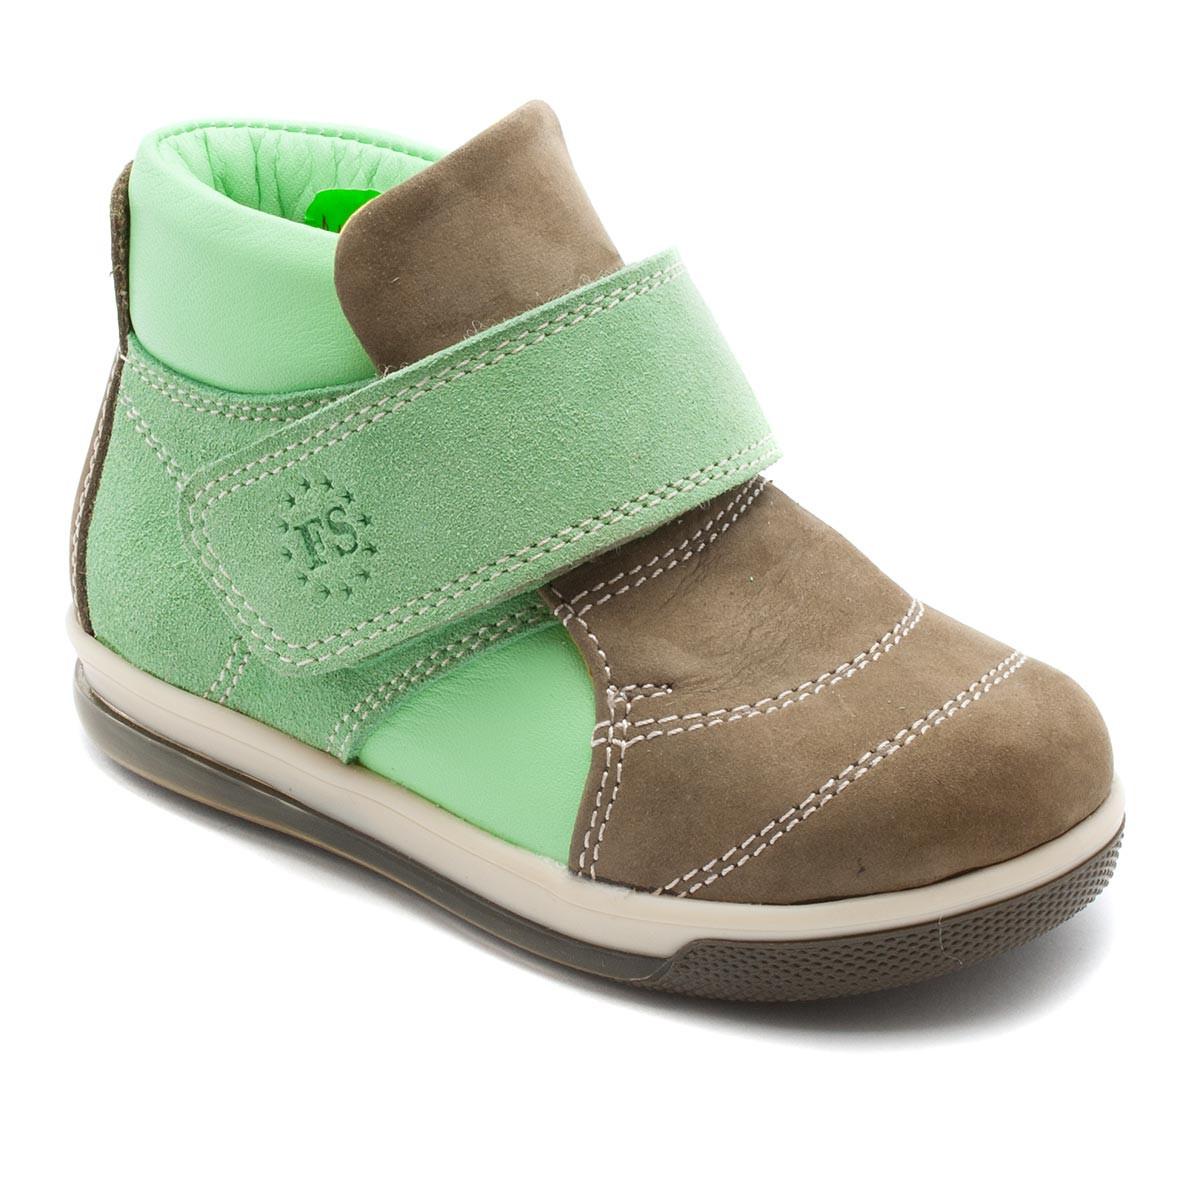 Кожаные ботинки FS Сollection для мальчика, демисезонные, размер 20-30